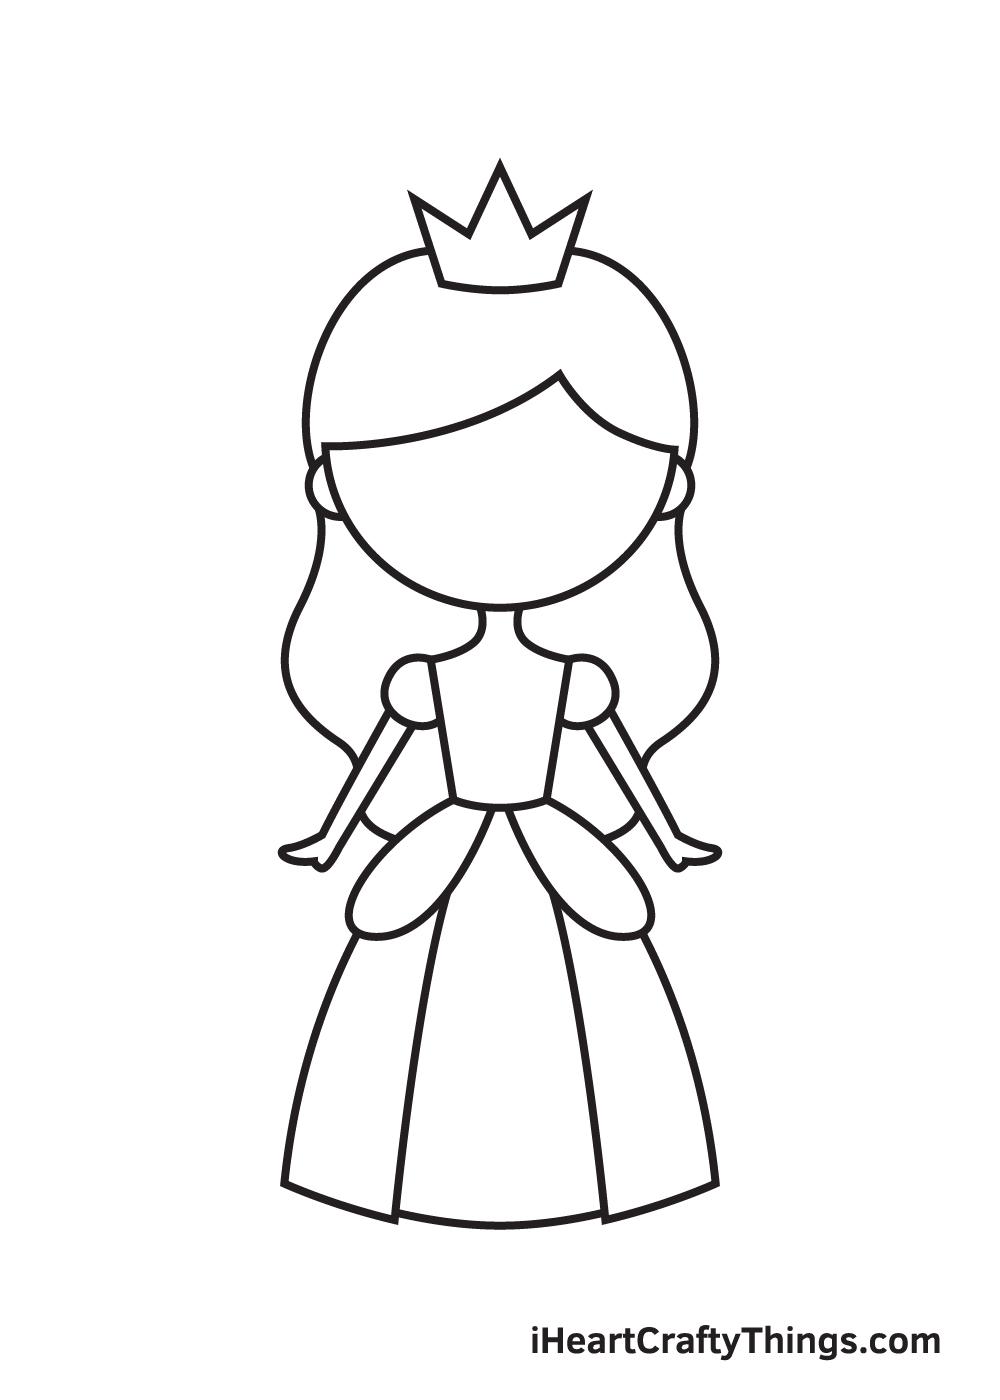 Vẽ công chúa - Bước 7